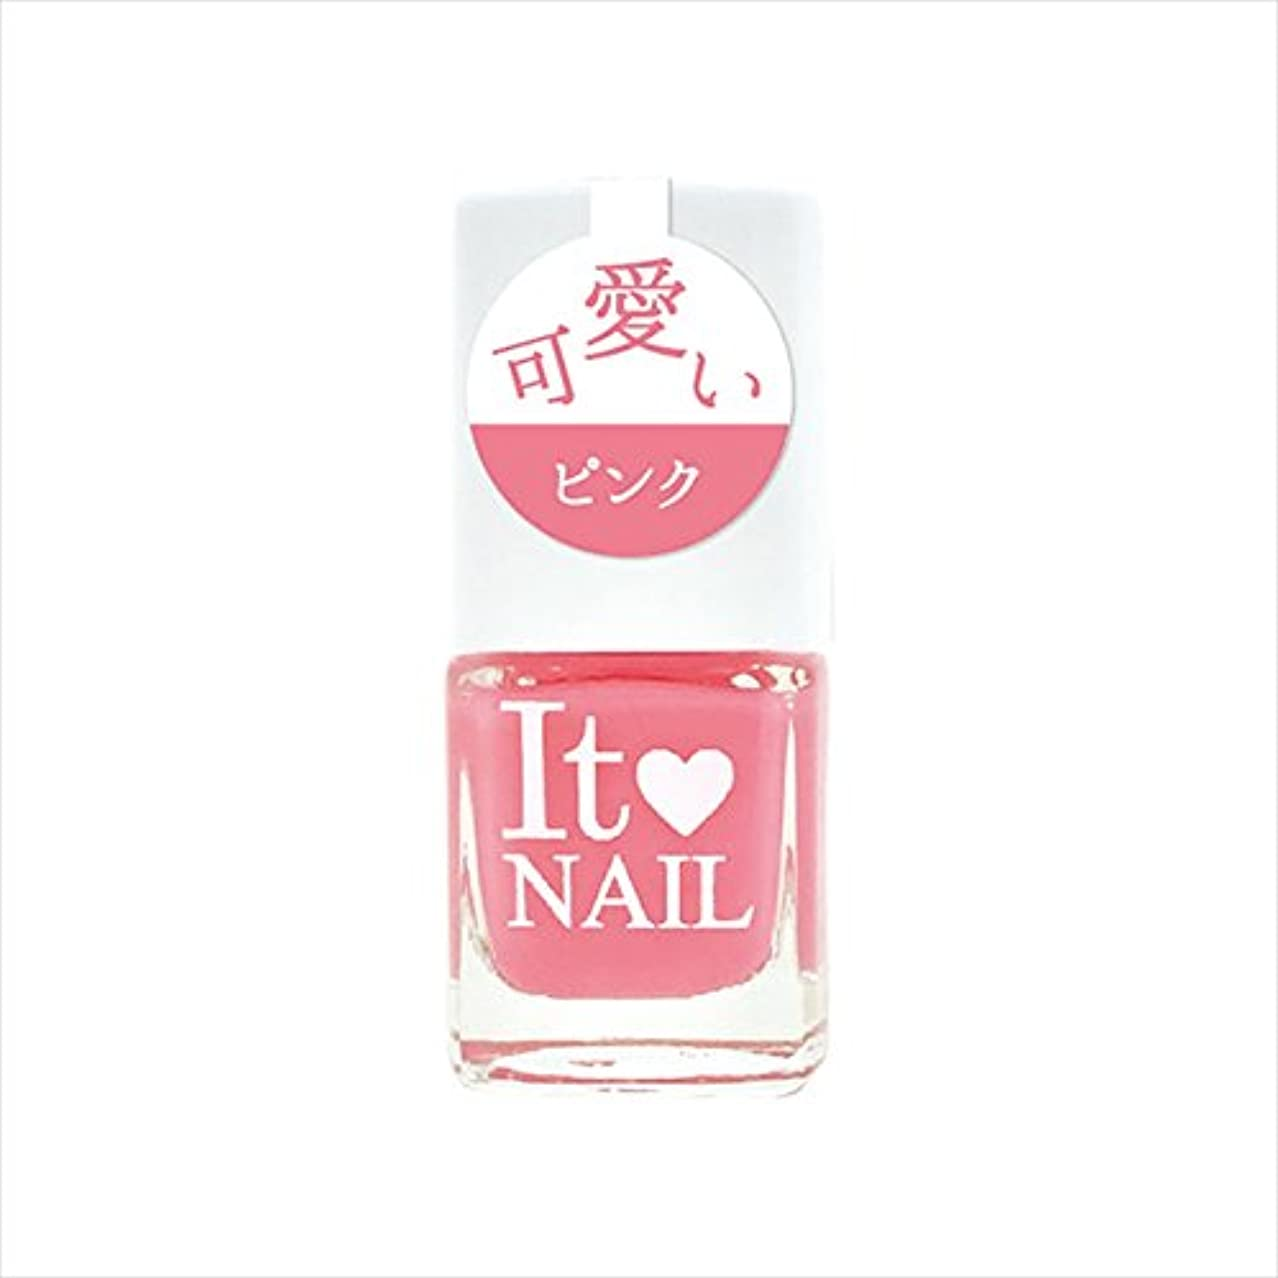 真似る行商人サーマルイットネイル ネイルカラー it-p21 可愛いピンク (9.5mL)